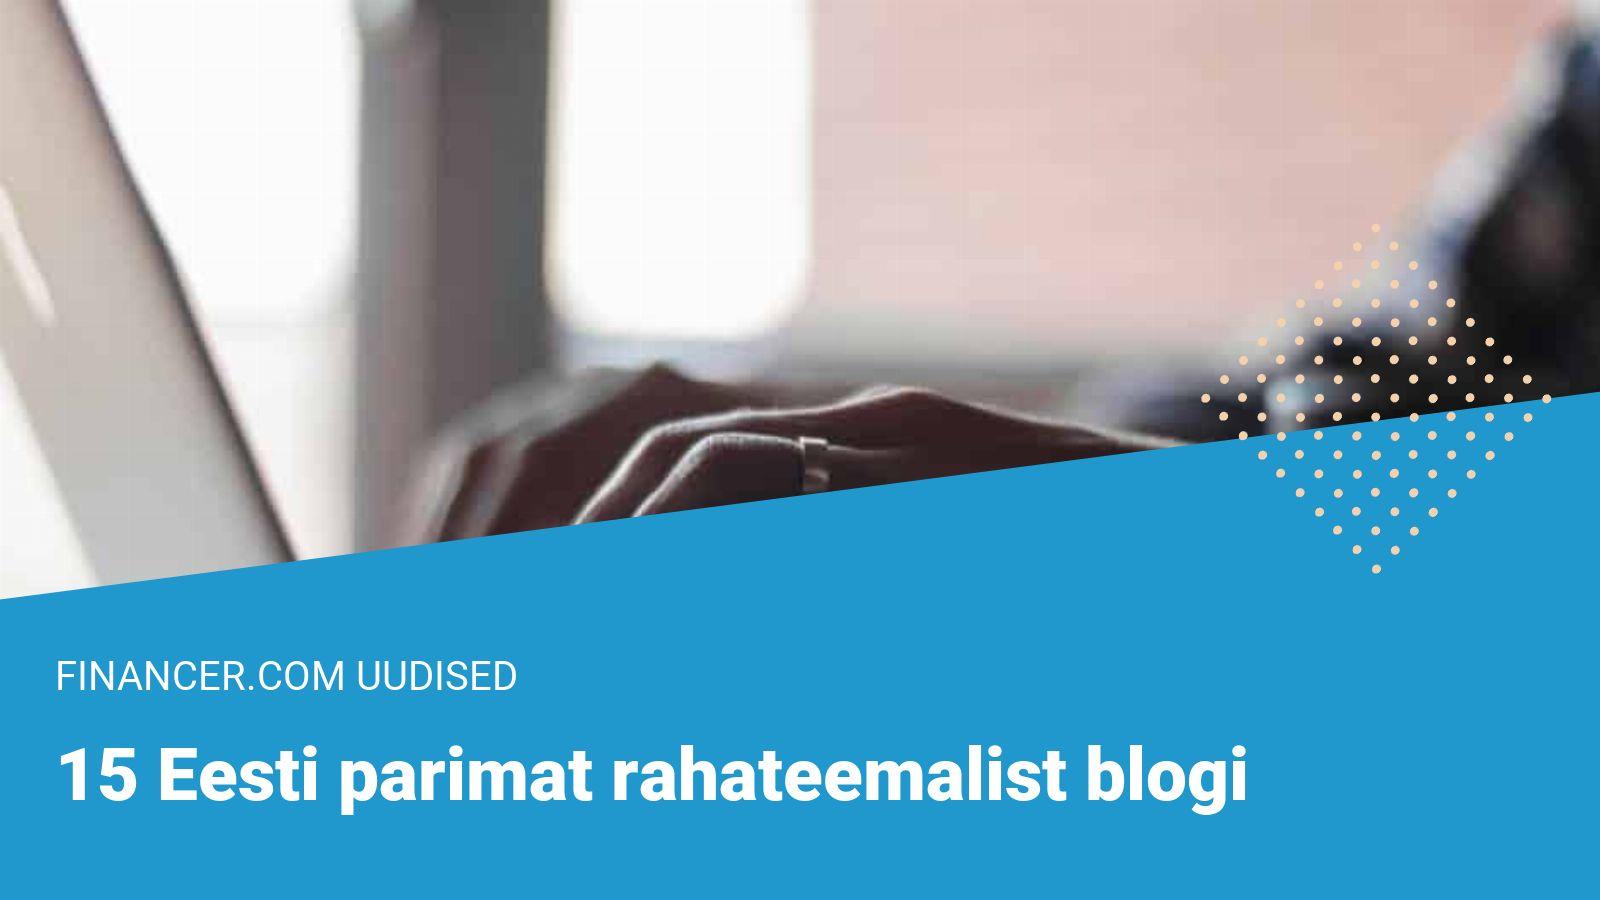 Eesti parimad rahateemalised blogid